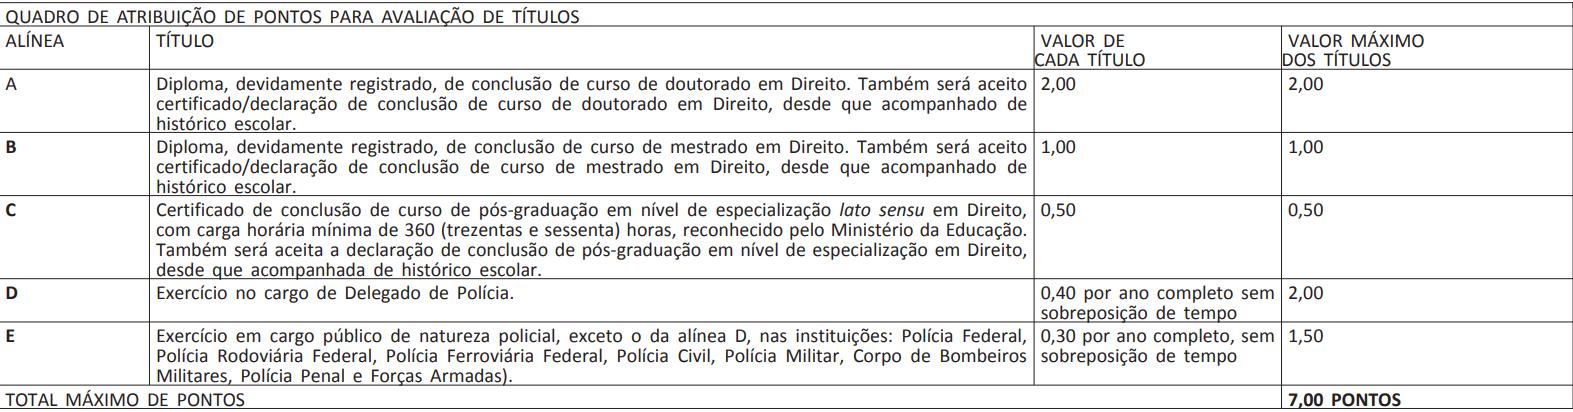 Edital polícia federal: informações sobre a avaliação de títulos para o cargo de delegado